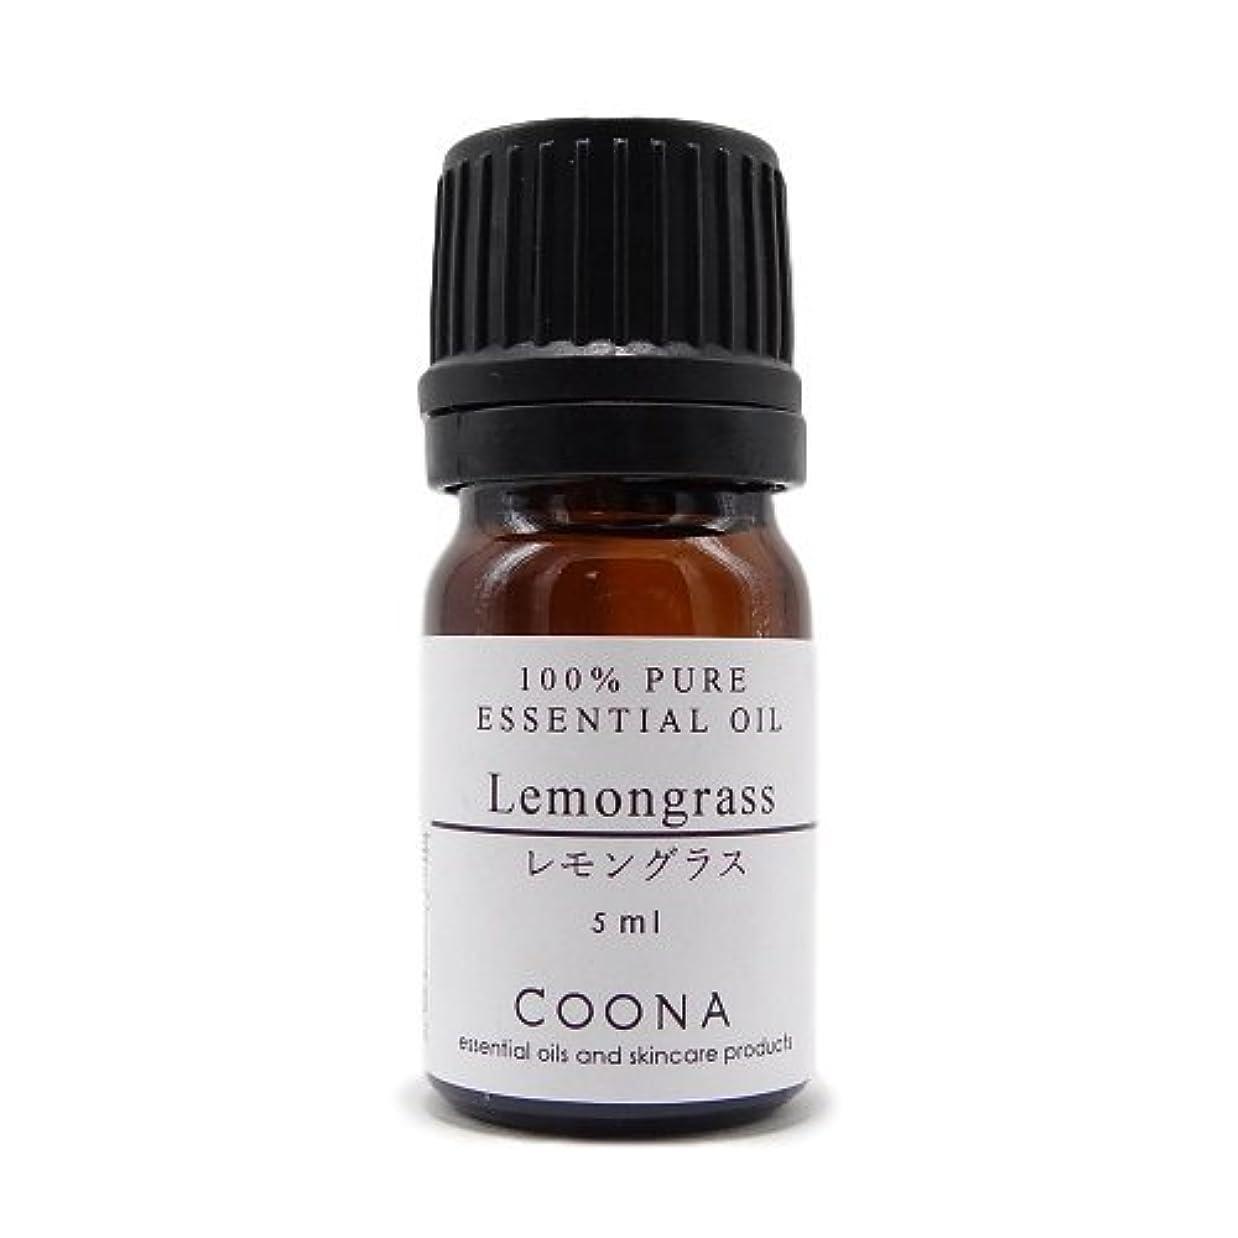 セイはさておきうなずく汚染レモングラス 5ml (COONA エッセンシャルオイル アロマオイル 100%天然植物精油)